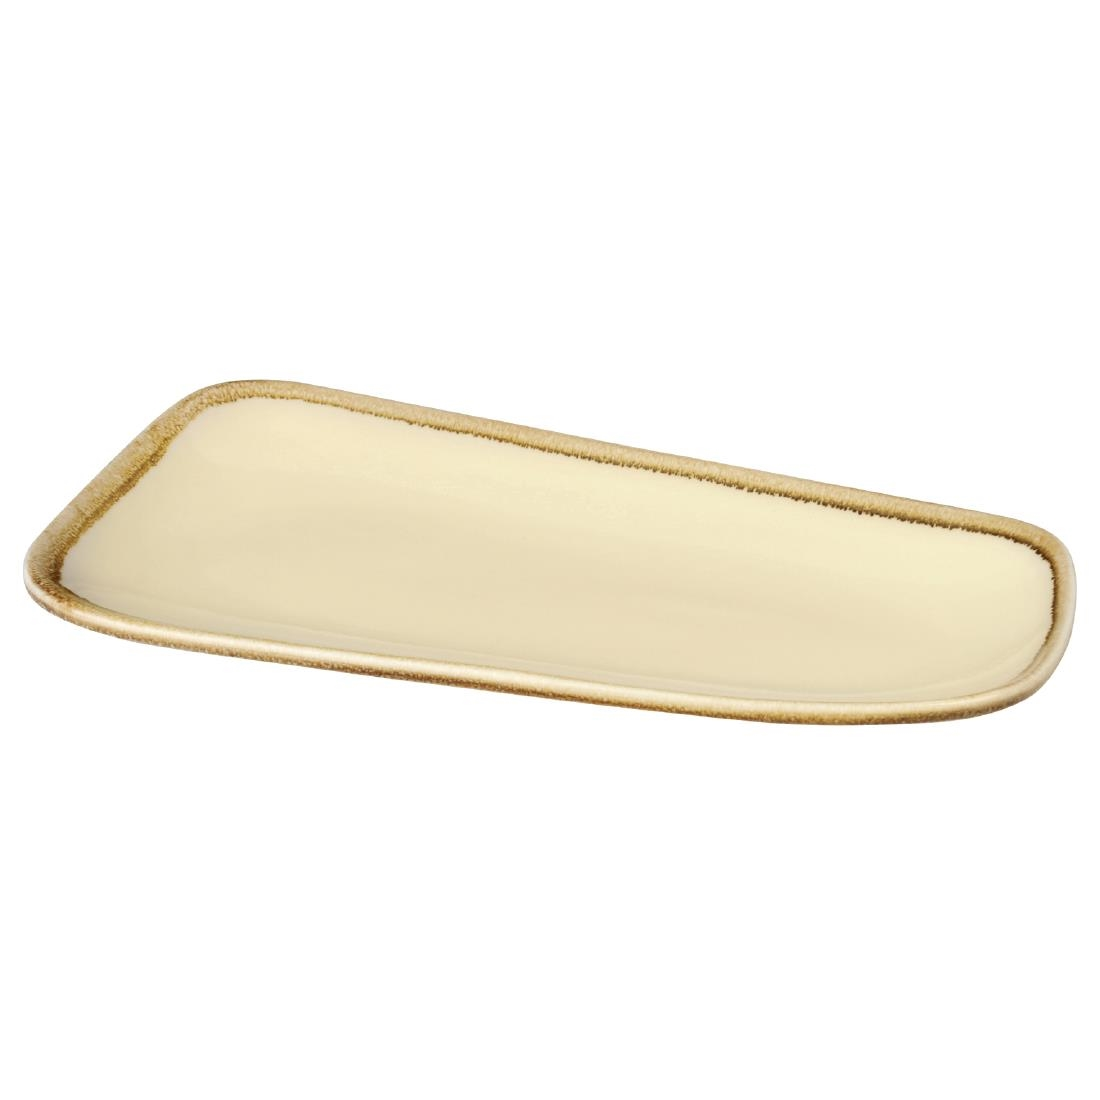 Platter - Sandstone